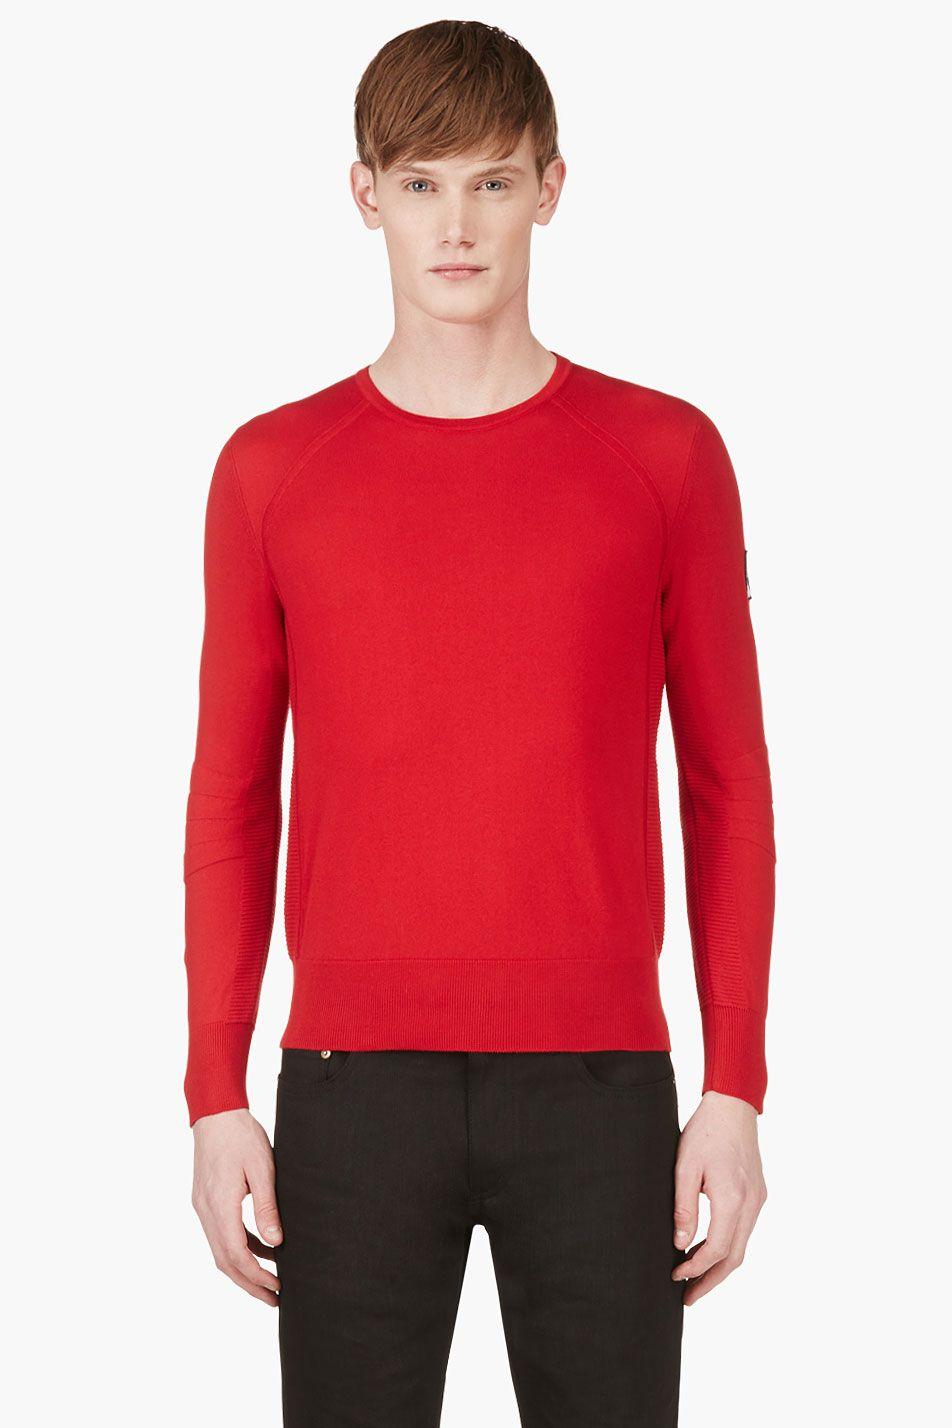 MONCLER GAMME BLEU Red Contour Sleeve Sweater